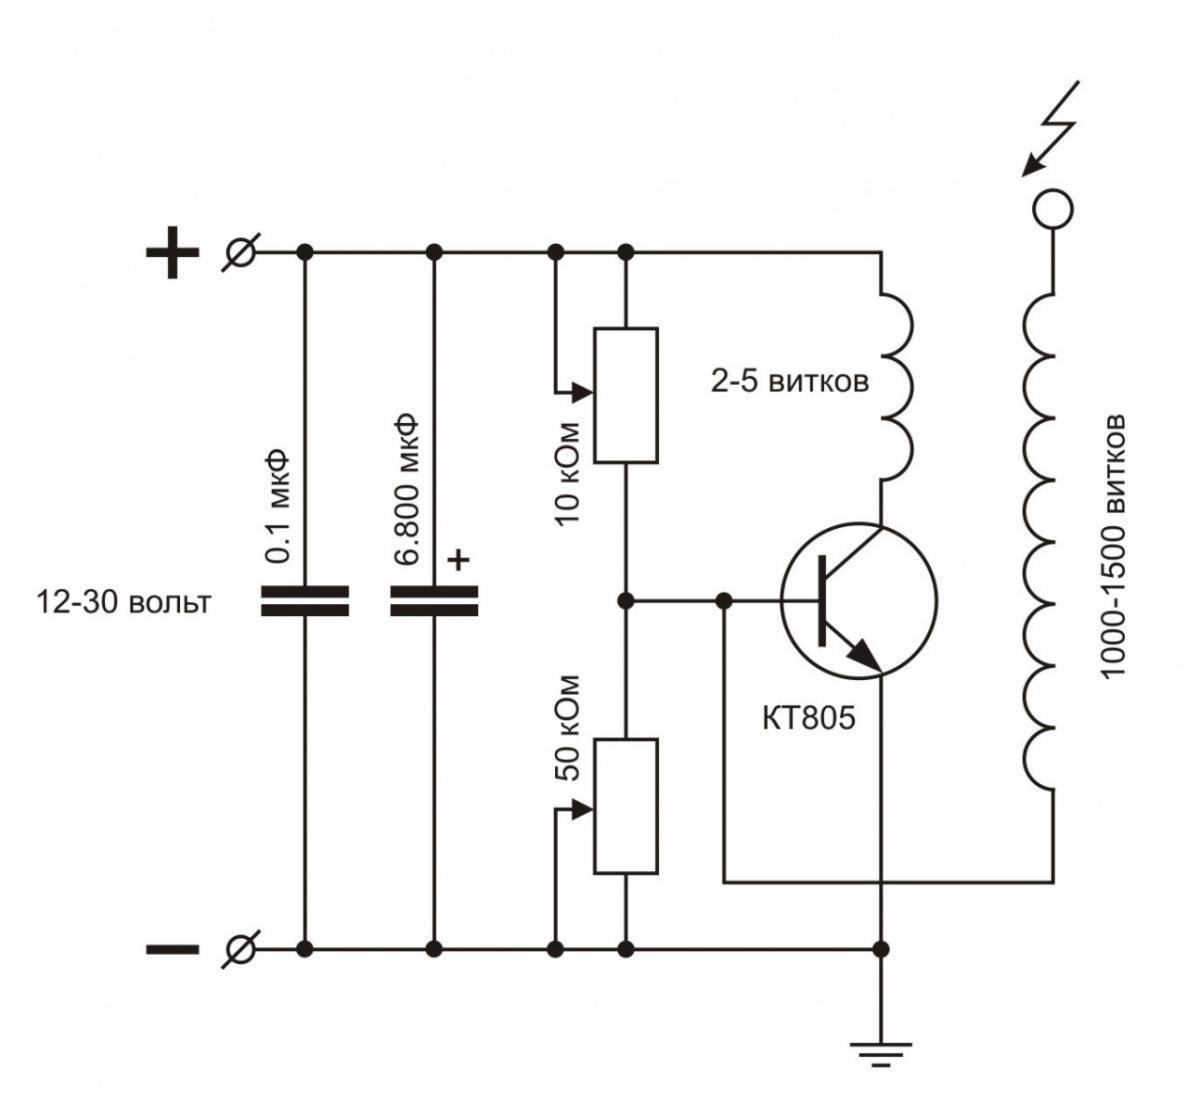 Качер 12 вольт схема